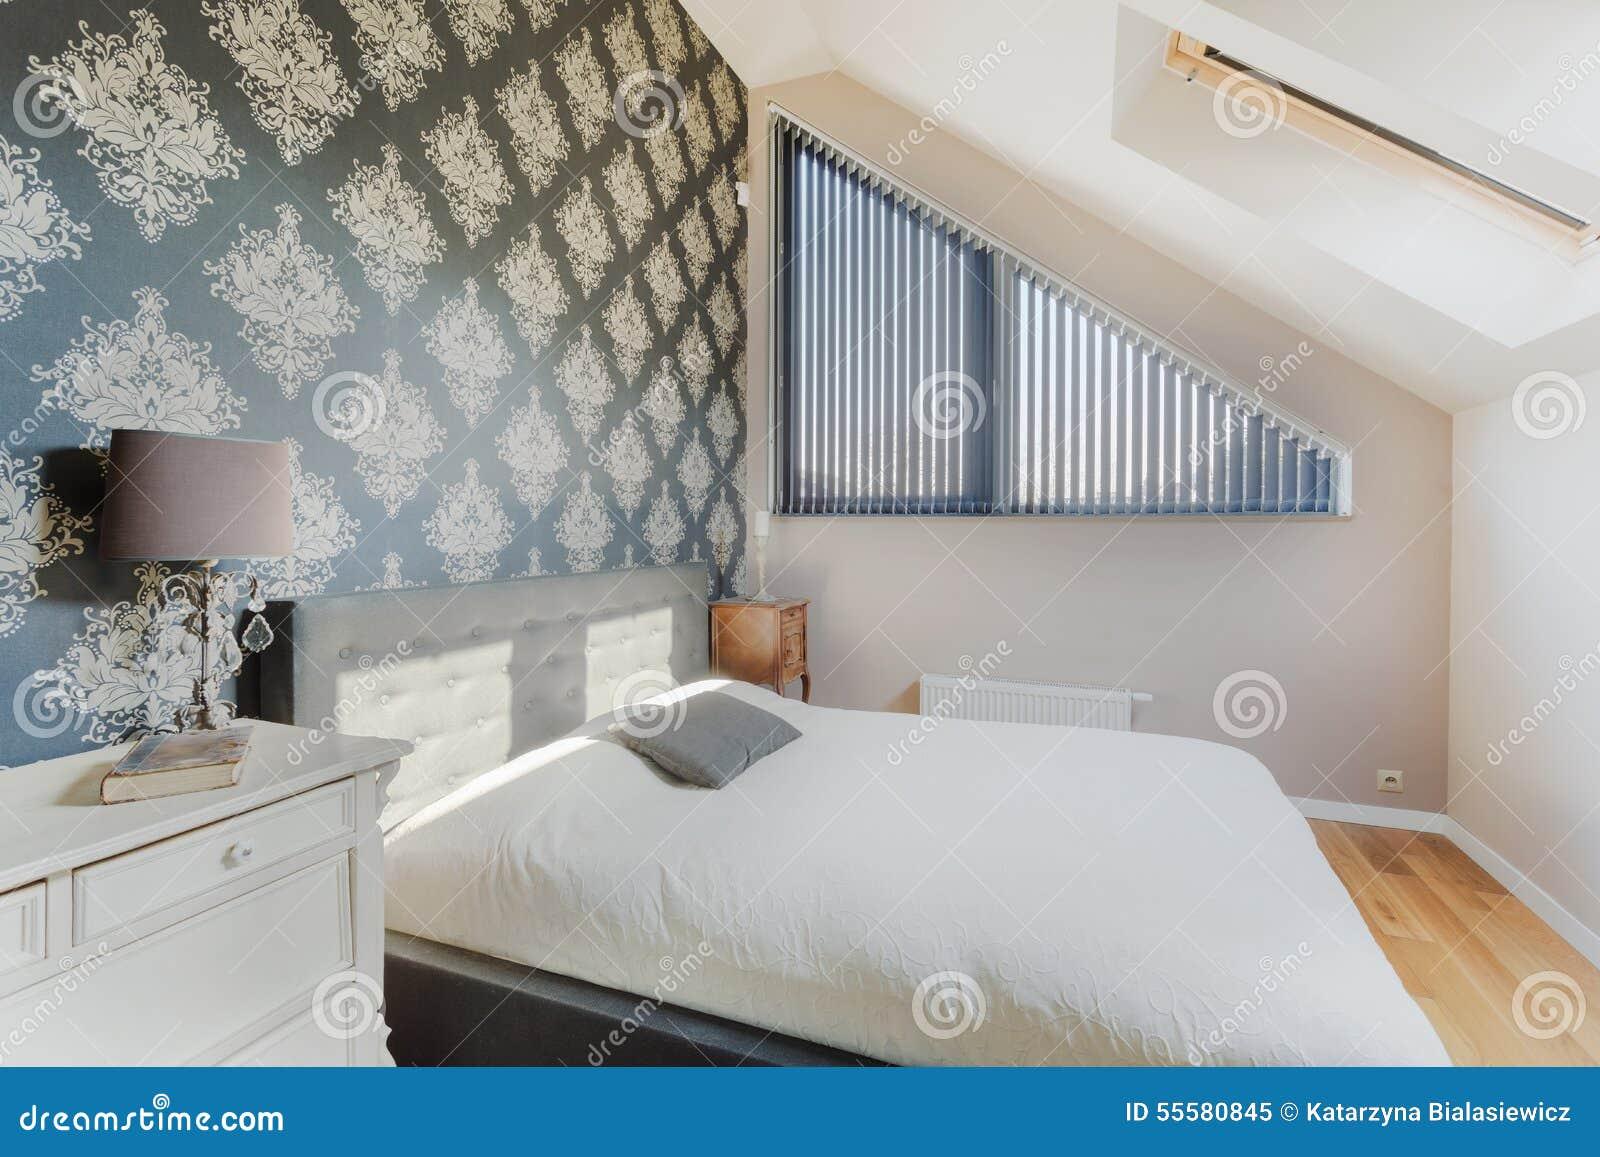 Carta da parati camera da letto soggiorno pareti carta da zucchero carta da parati per - Carta da parati camera da letto tortora ...